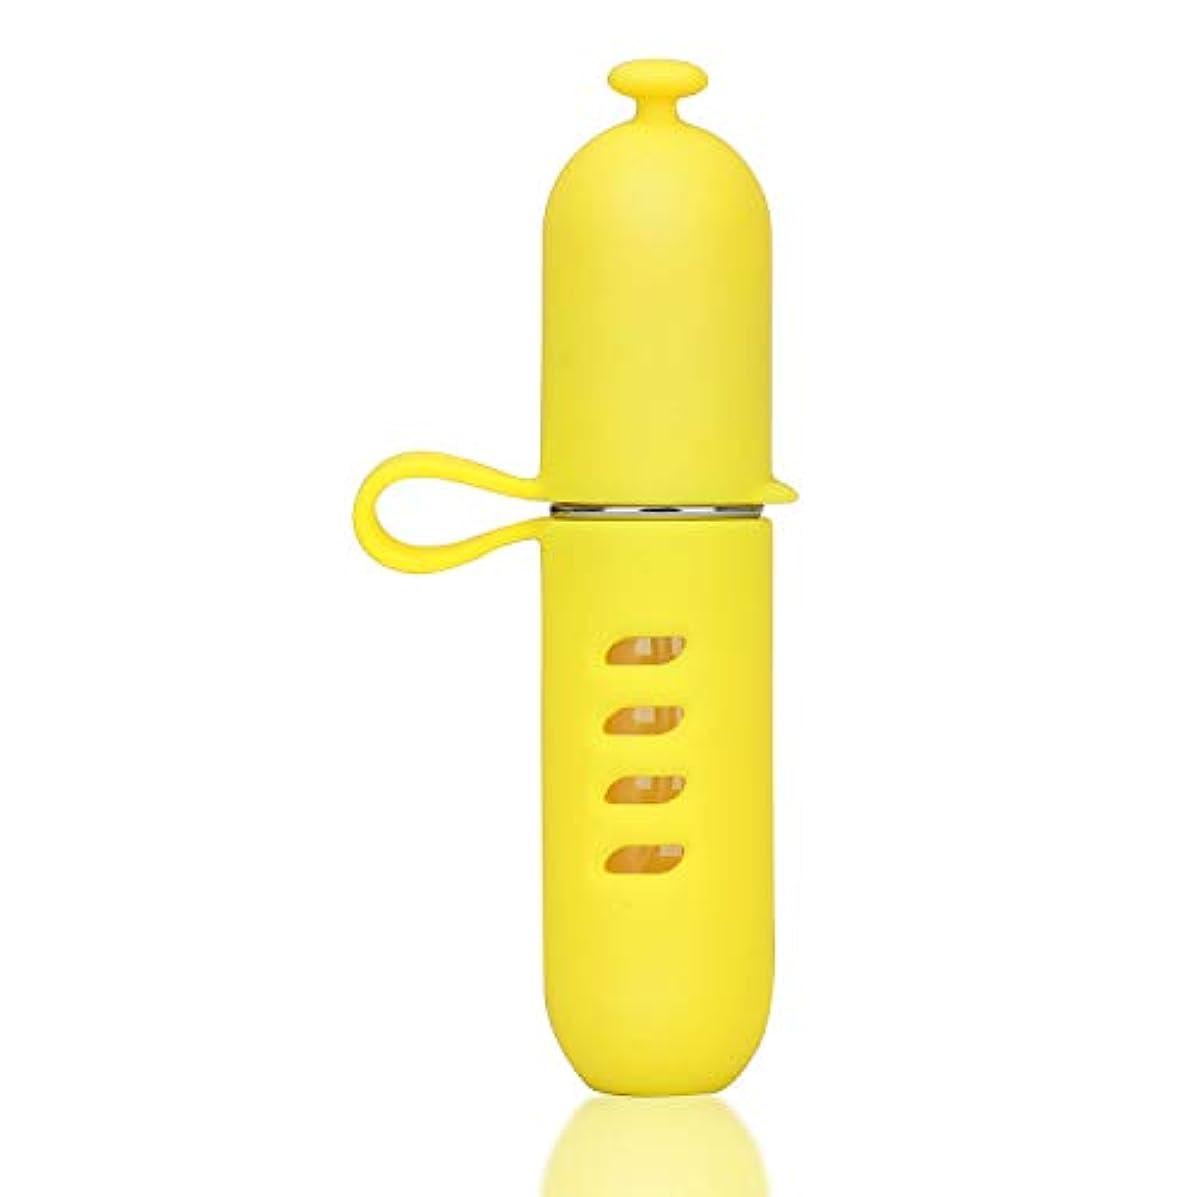 刺激するにやにや登録MOOMU アトマイザー 香水 スプレー 噴霧器 詰め替え容器 底部充填方式 携帯用5ml (レモンイエロー)